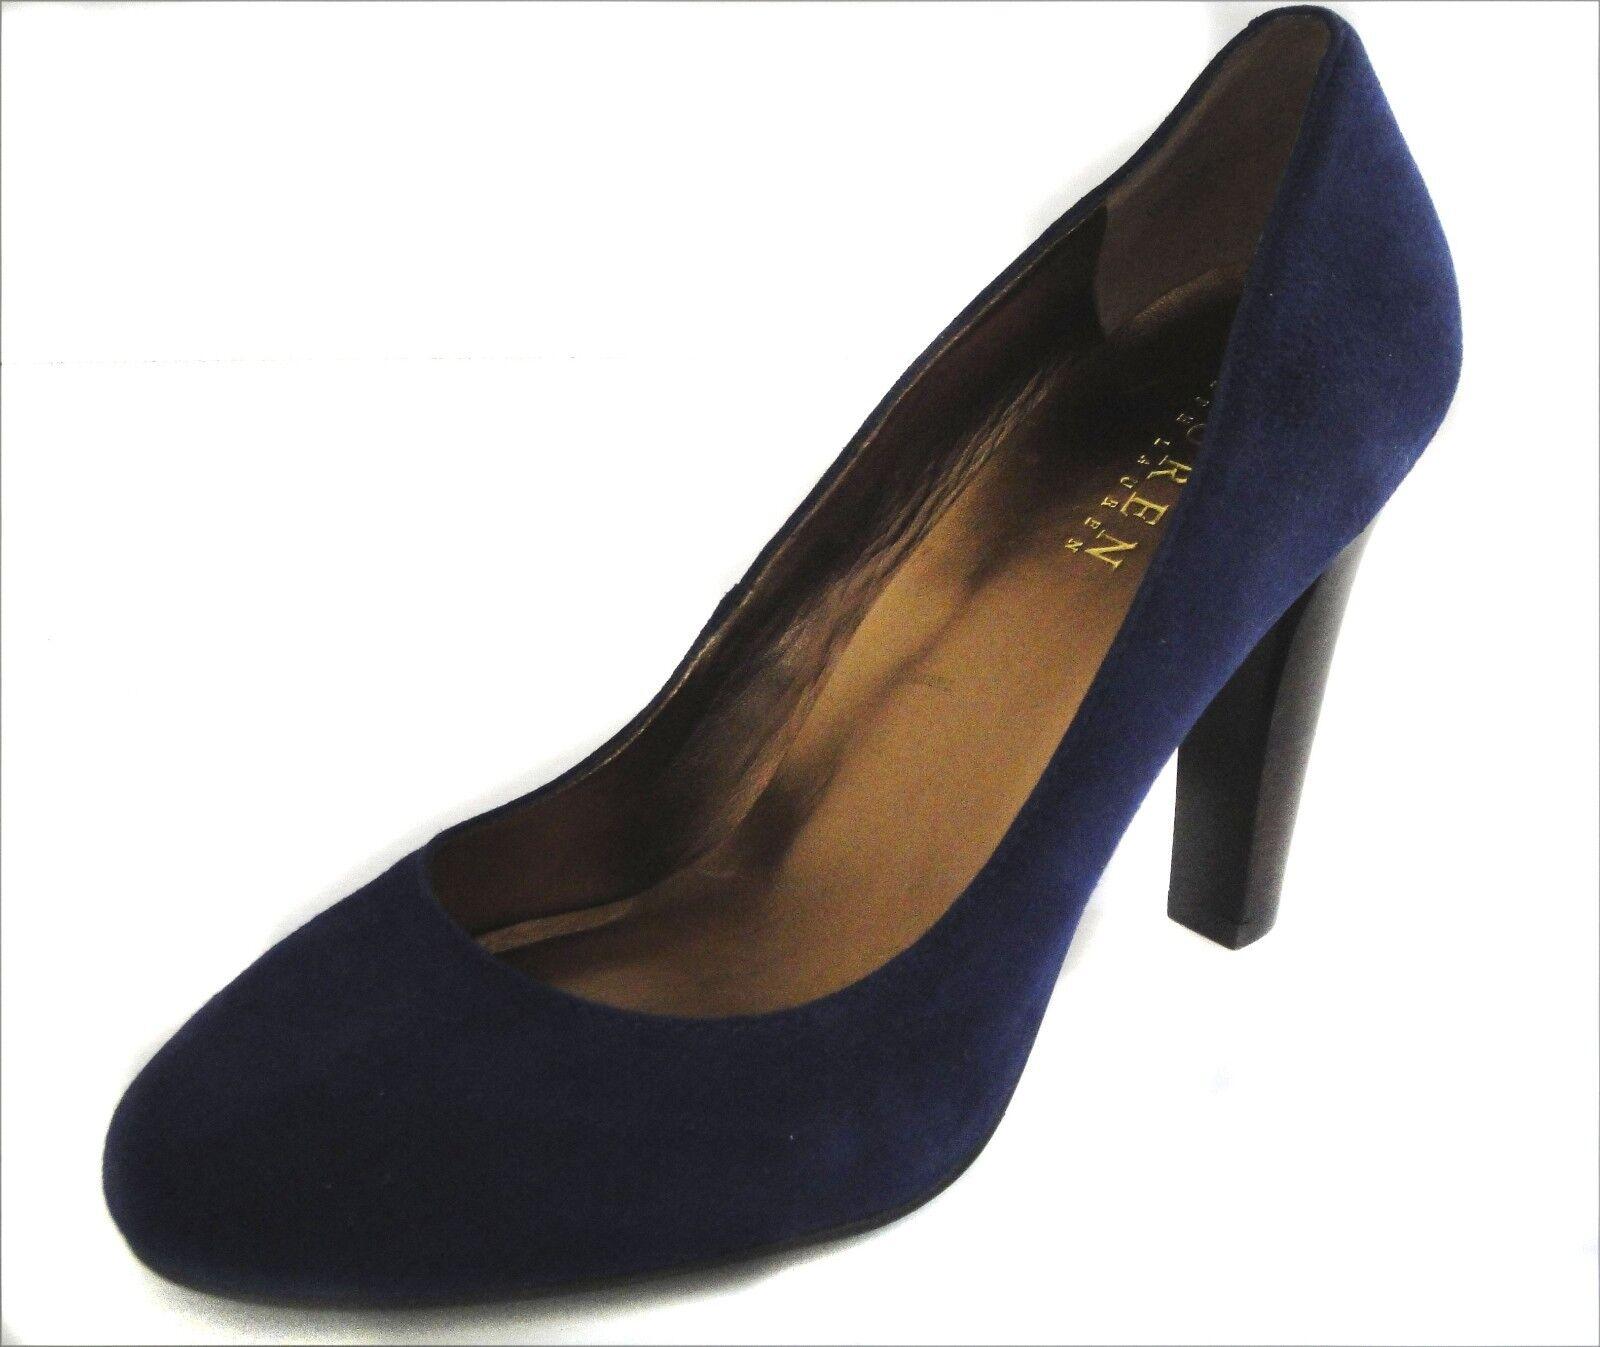 NEU WOMEN'S LAUREN RALPH LAUREN RYLIE DK SAPPHIRE SUEDE Schuhe SZ 6